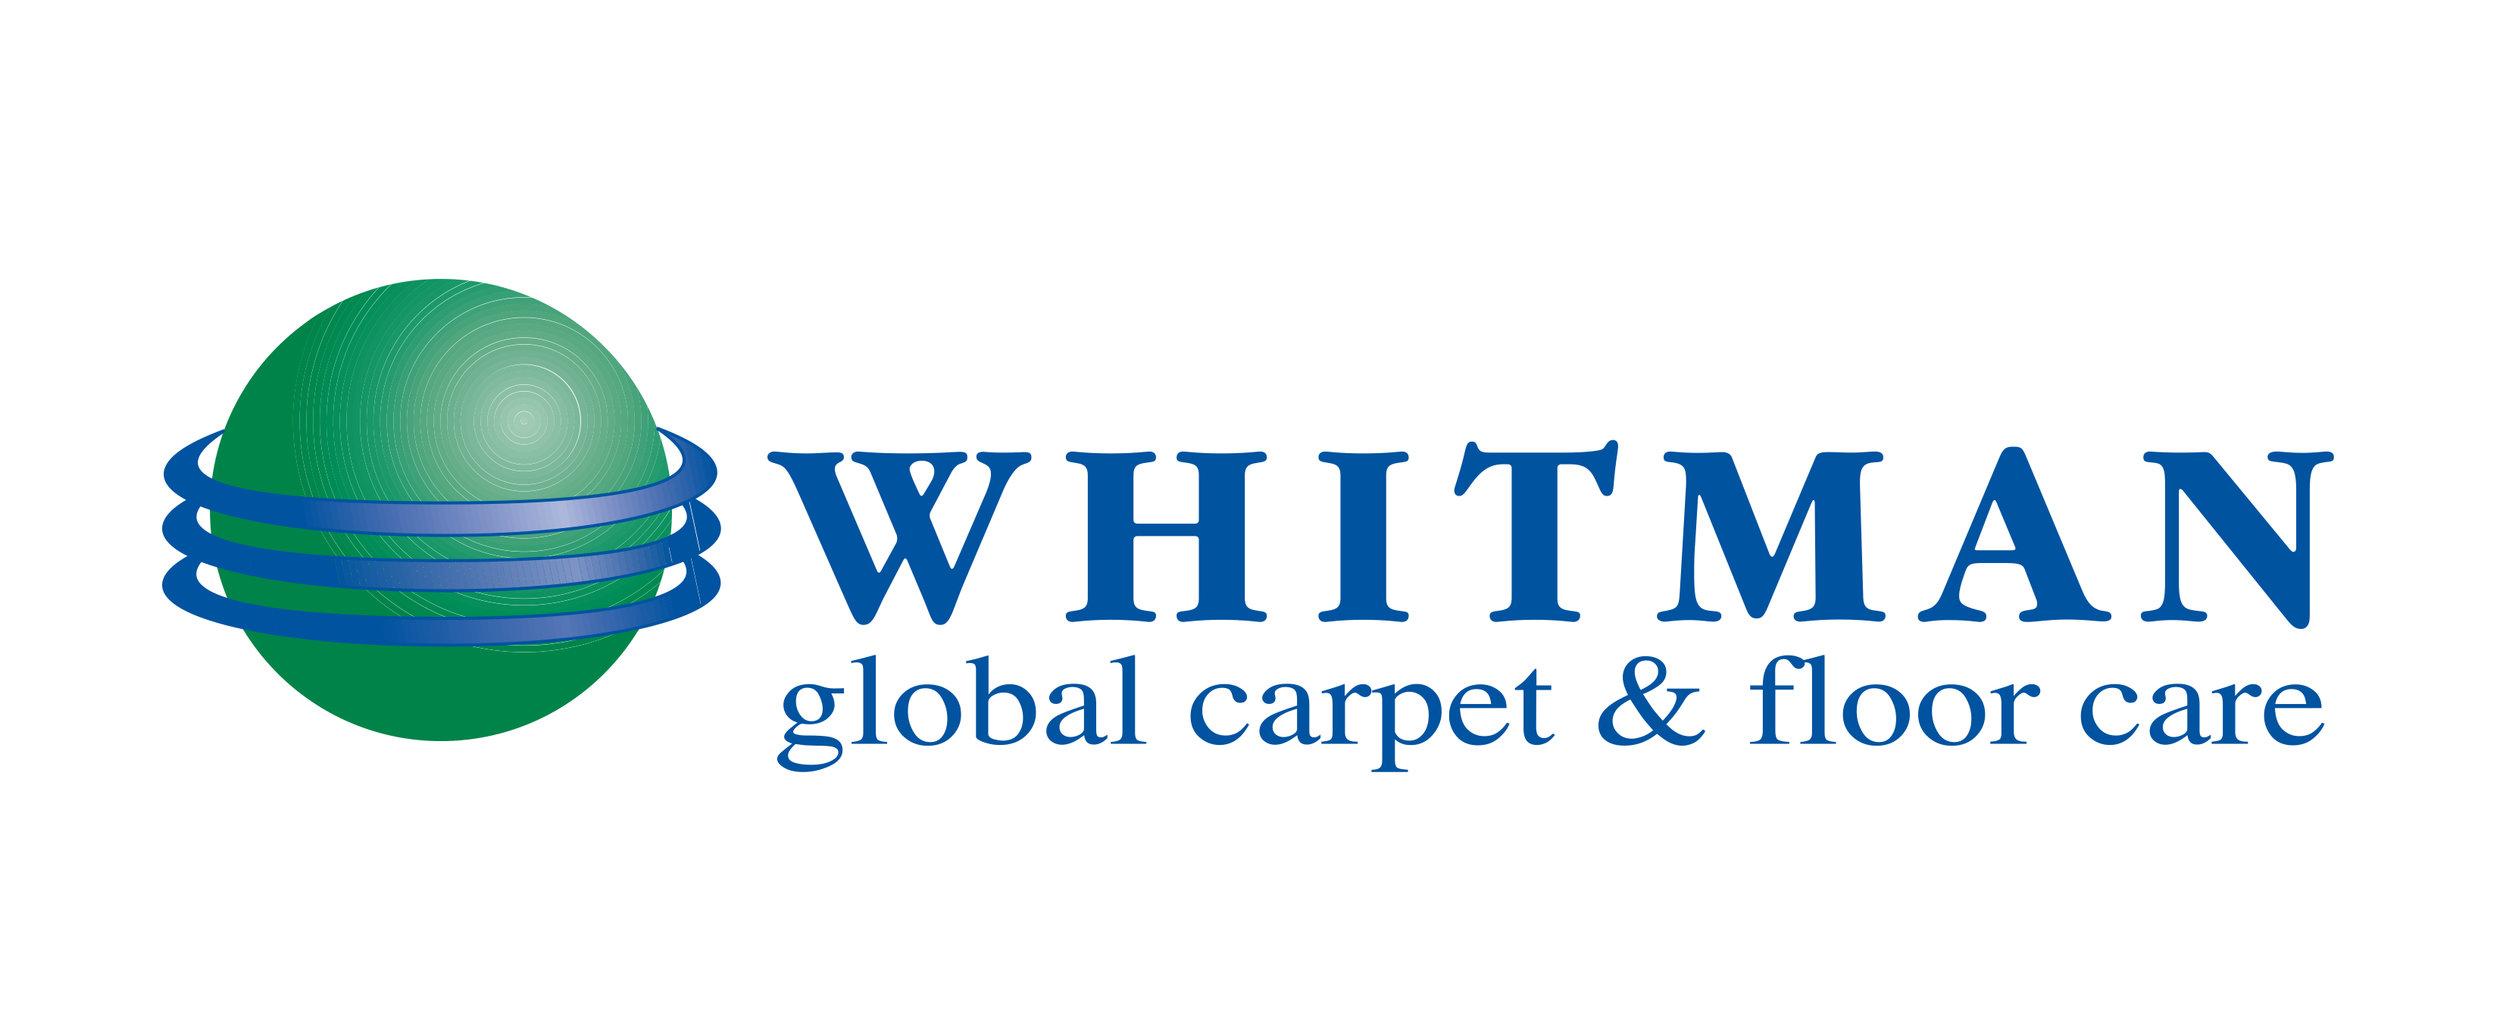 Whitman Global Carpet Care.jpg